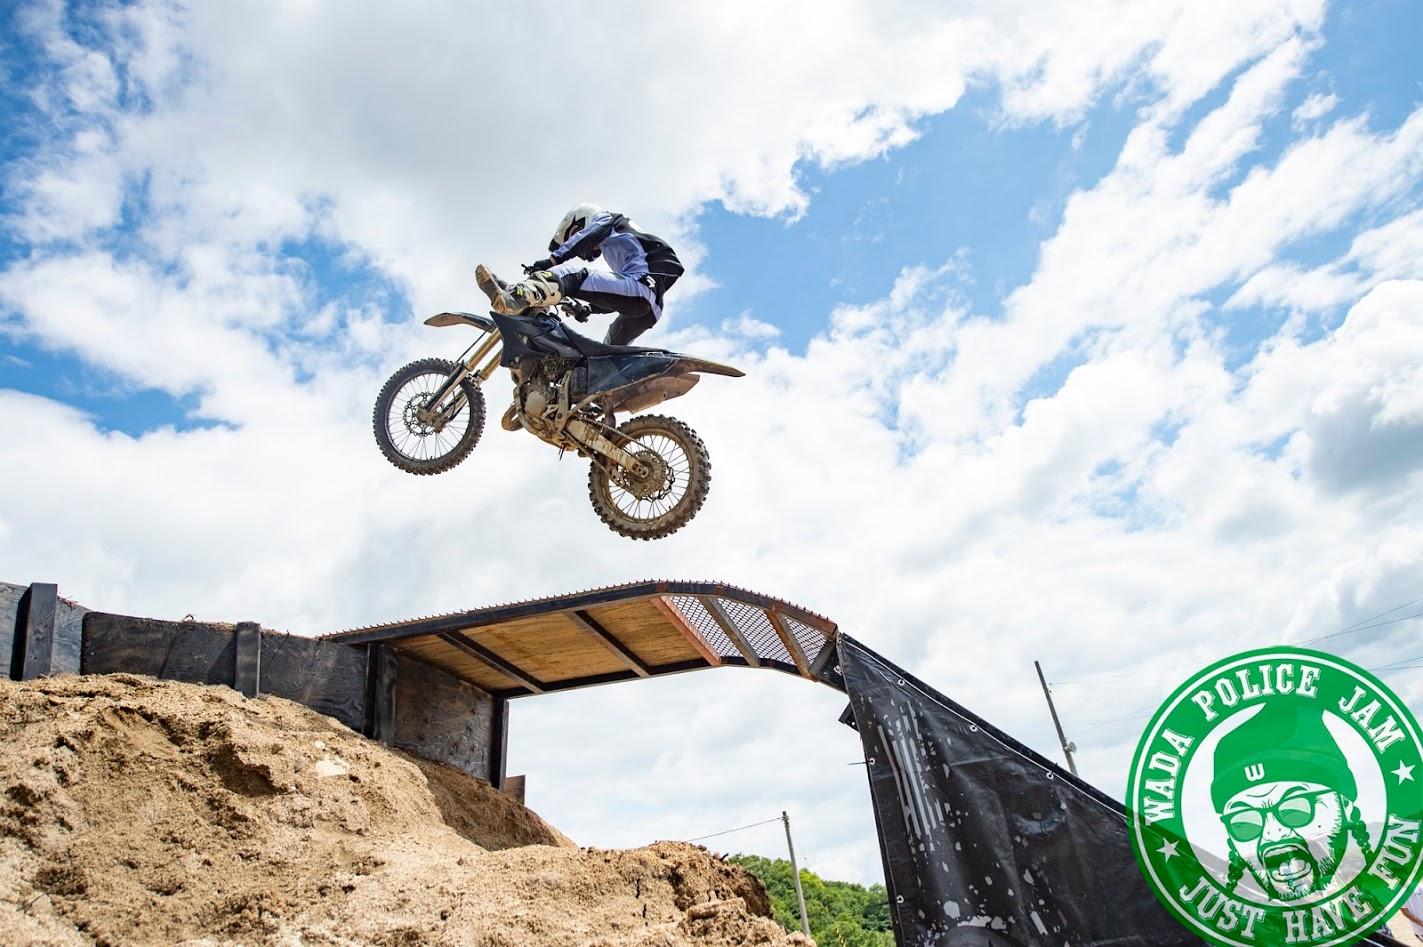 ワダポリジャム 香川 香川スポーツランド 四国 モトクロス motocross mx エンデューロ FMX イベント ファーストヒットデイ